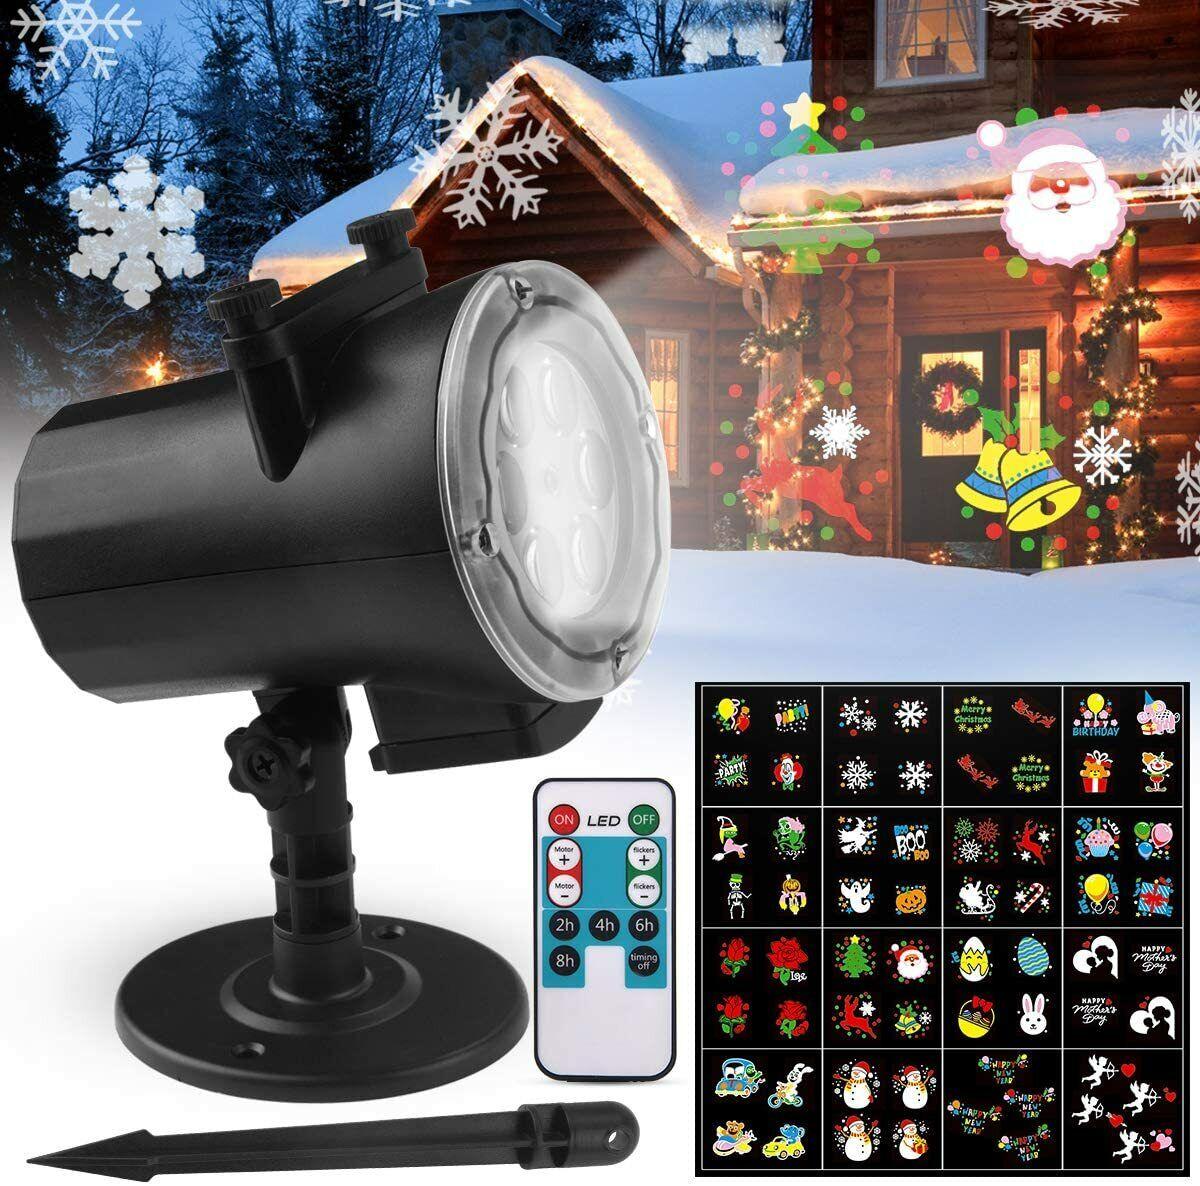 Proyector Navidad LED FOCHEA IP65 Luces de Interior y Exterior con 16...